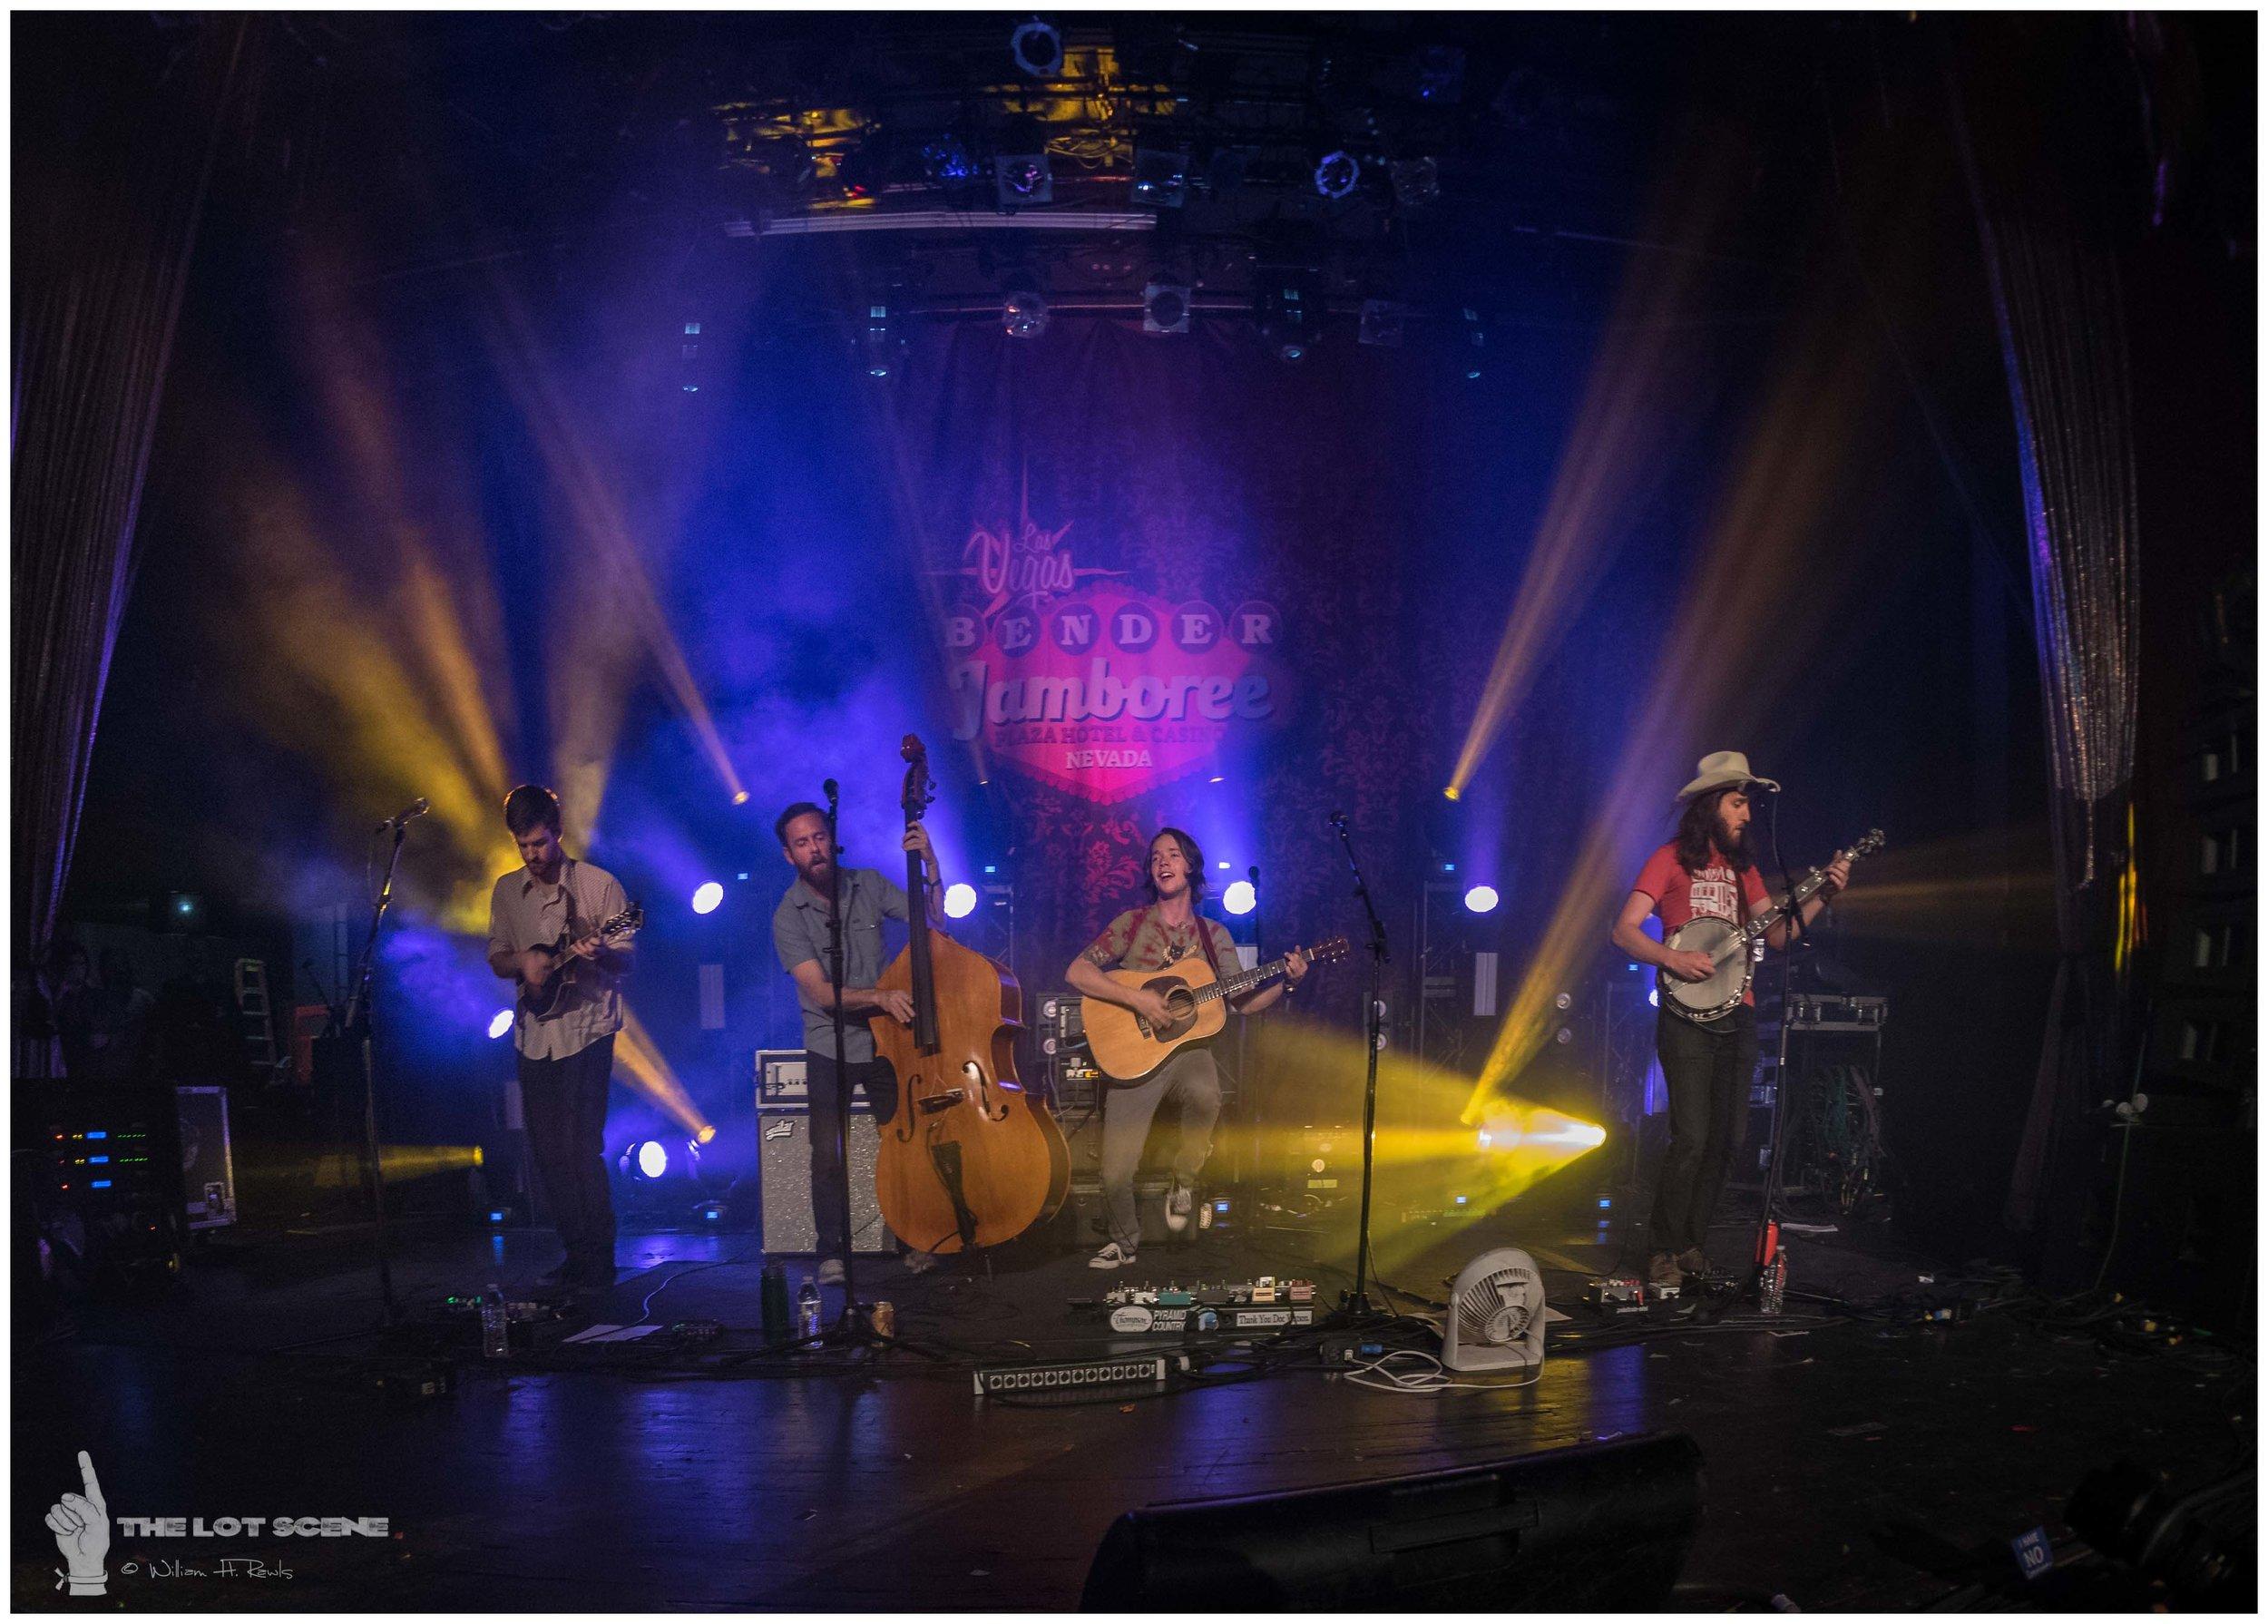 Bender Jamboree 2018 - Billy Strings - 1.jpg